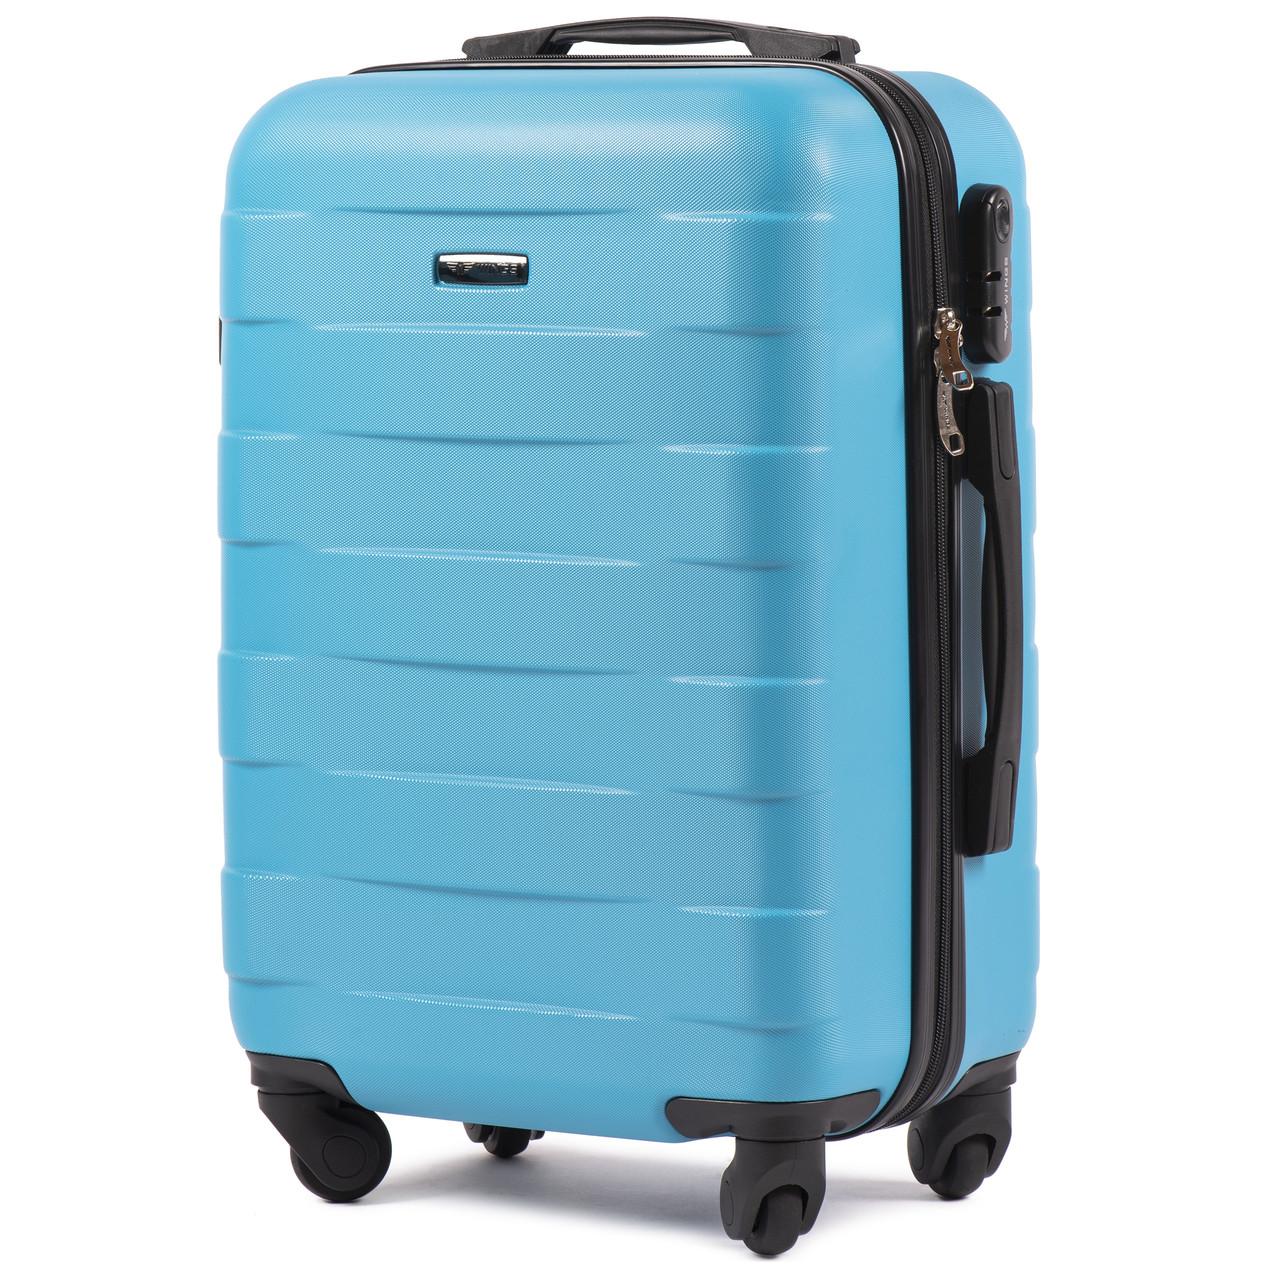 Малый пластиковый чемодан Wings 401 на 4 колесах голубой, фото 1